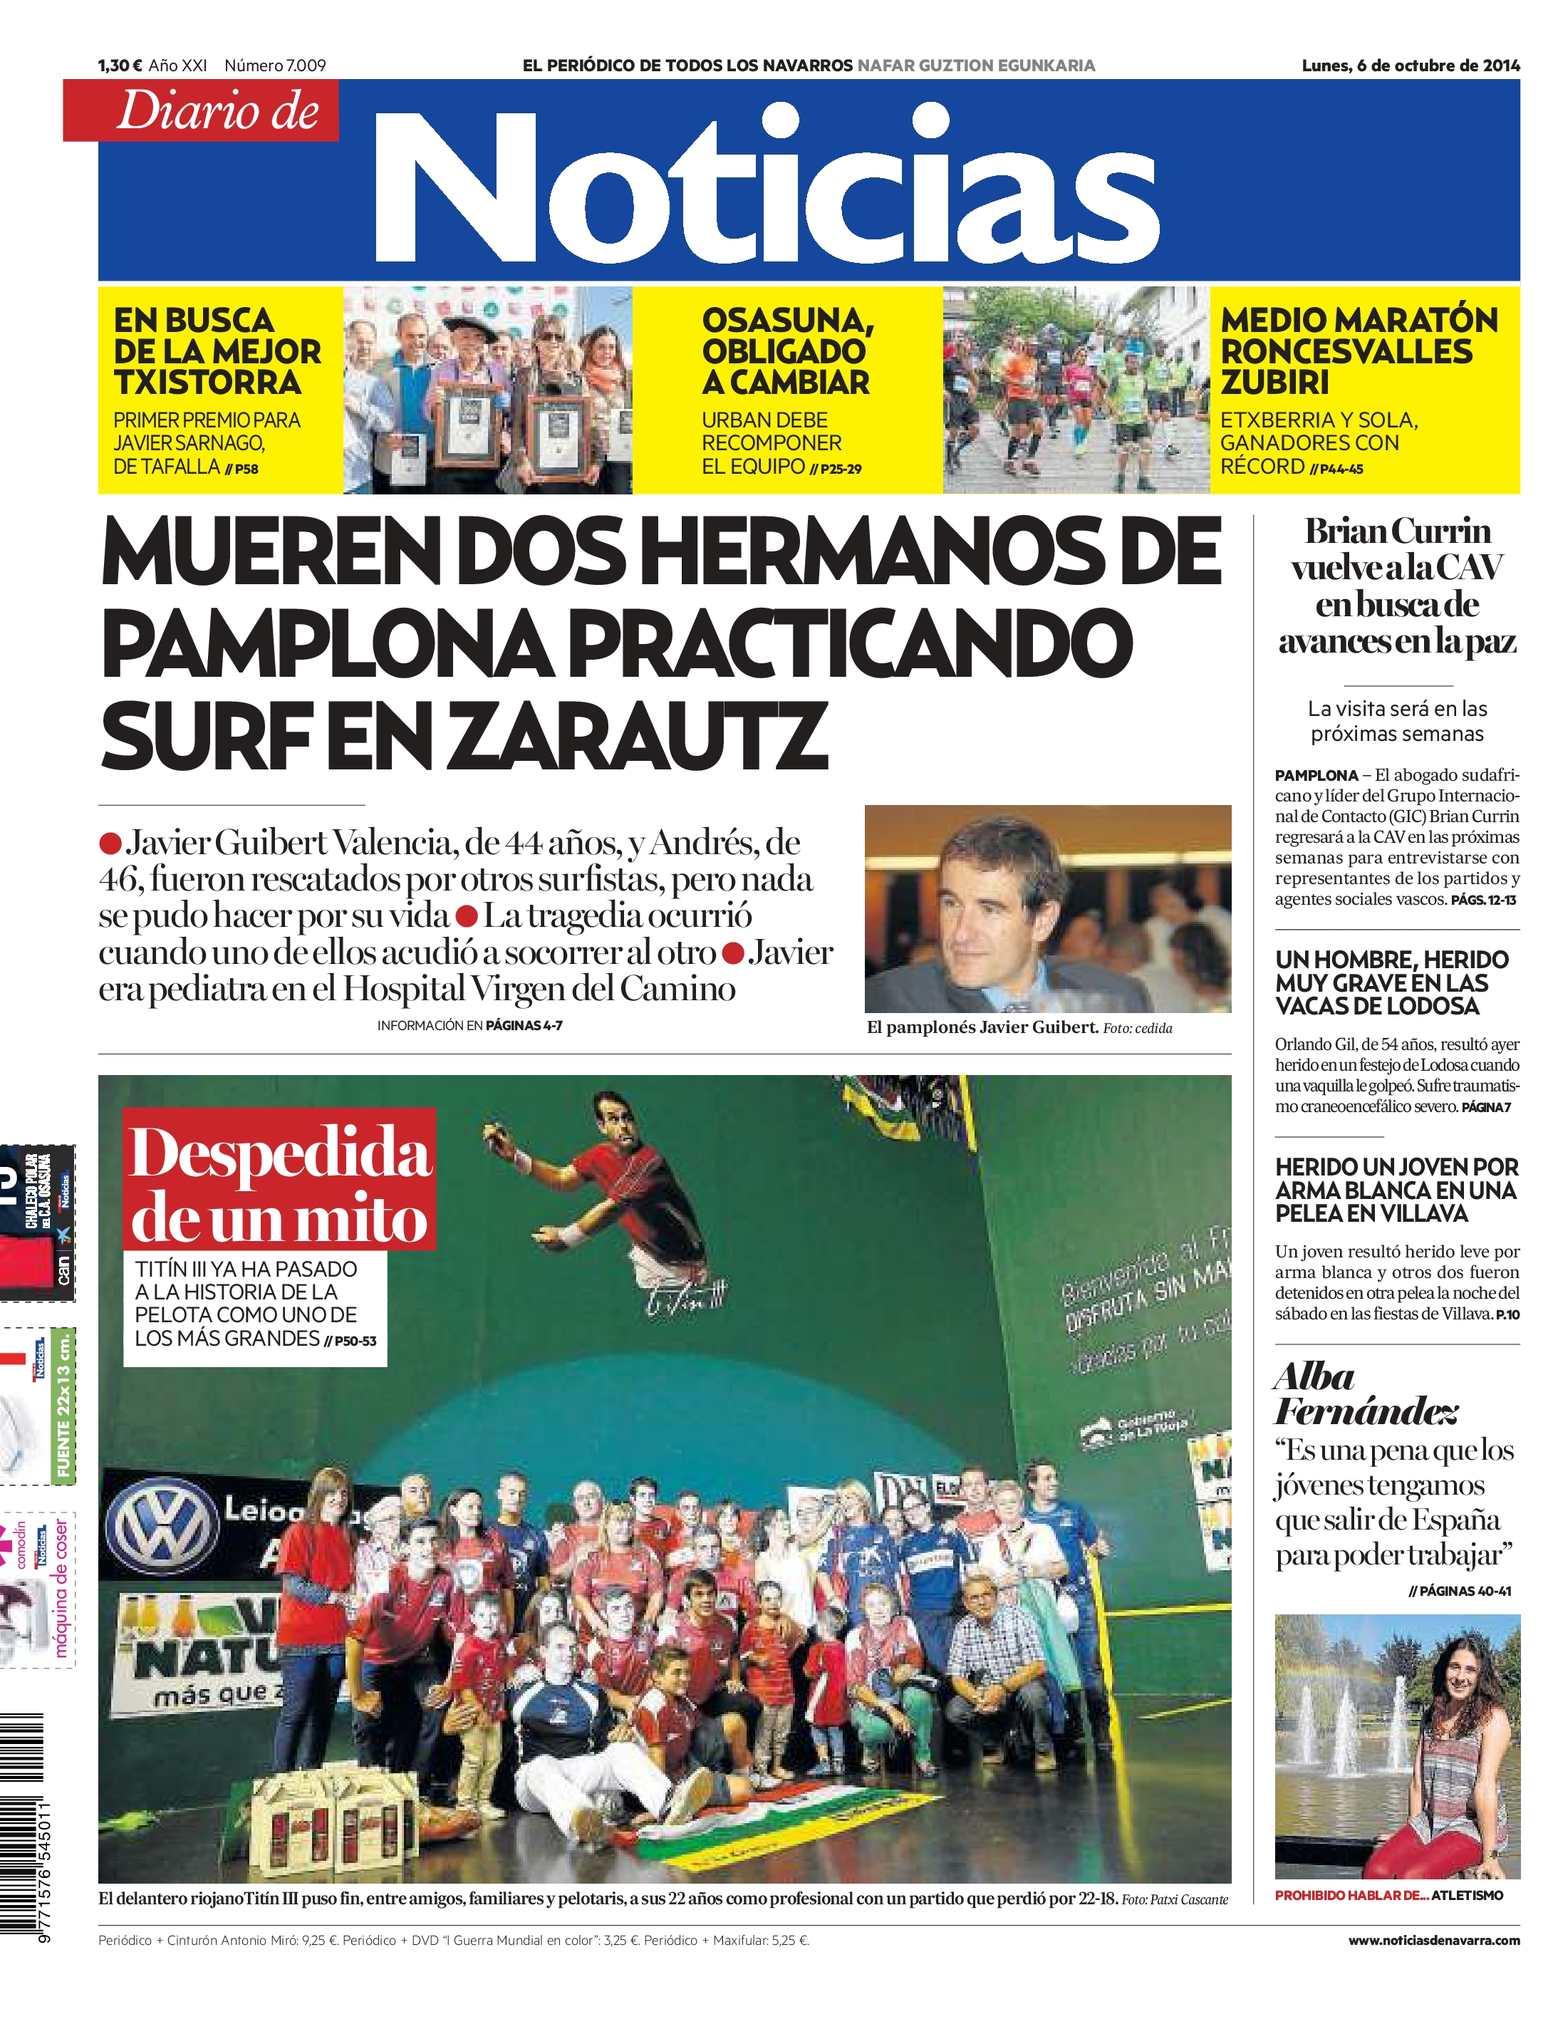 Calaméo - Diario de Noticias 20141006